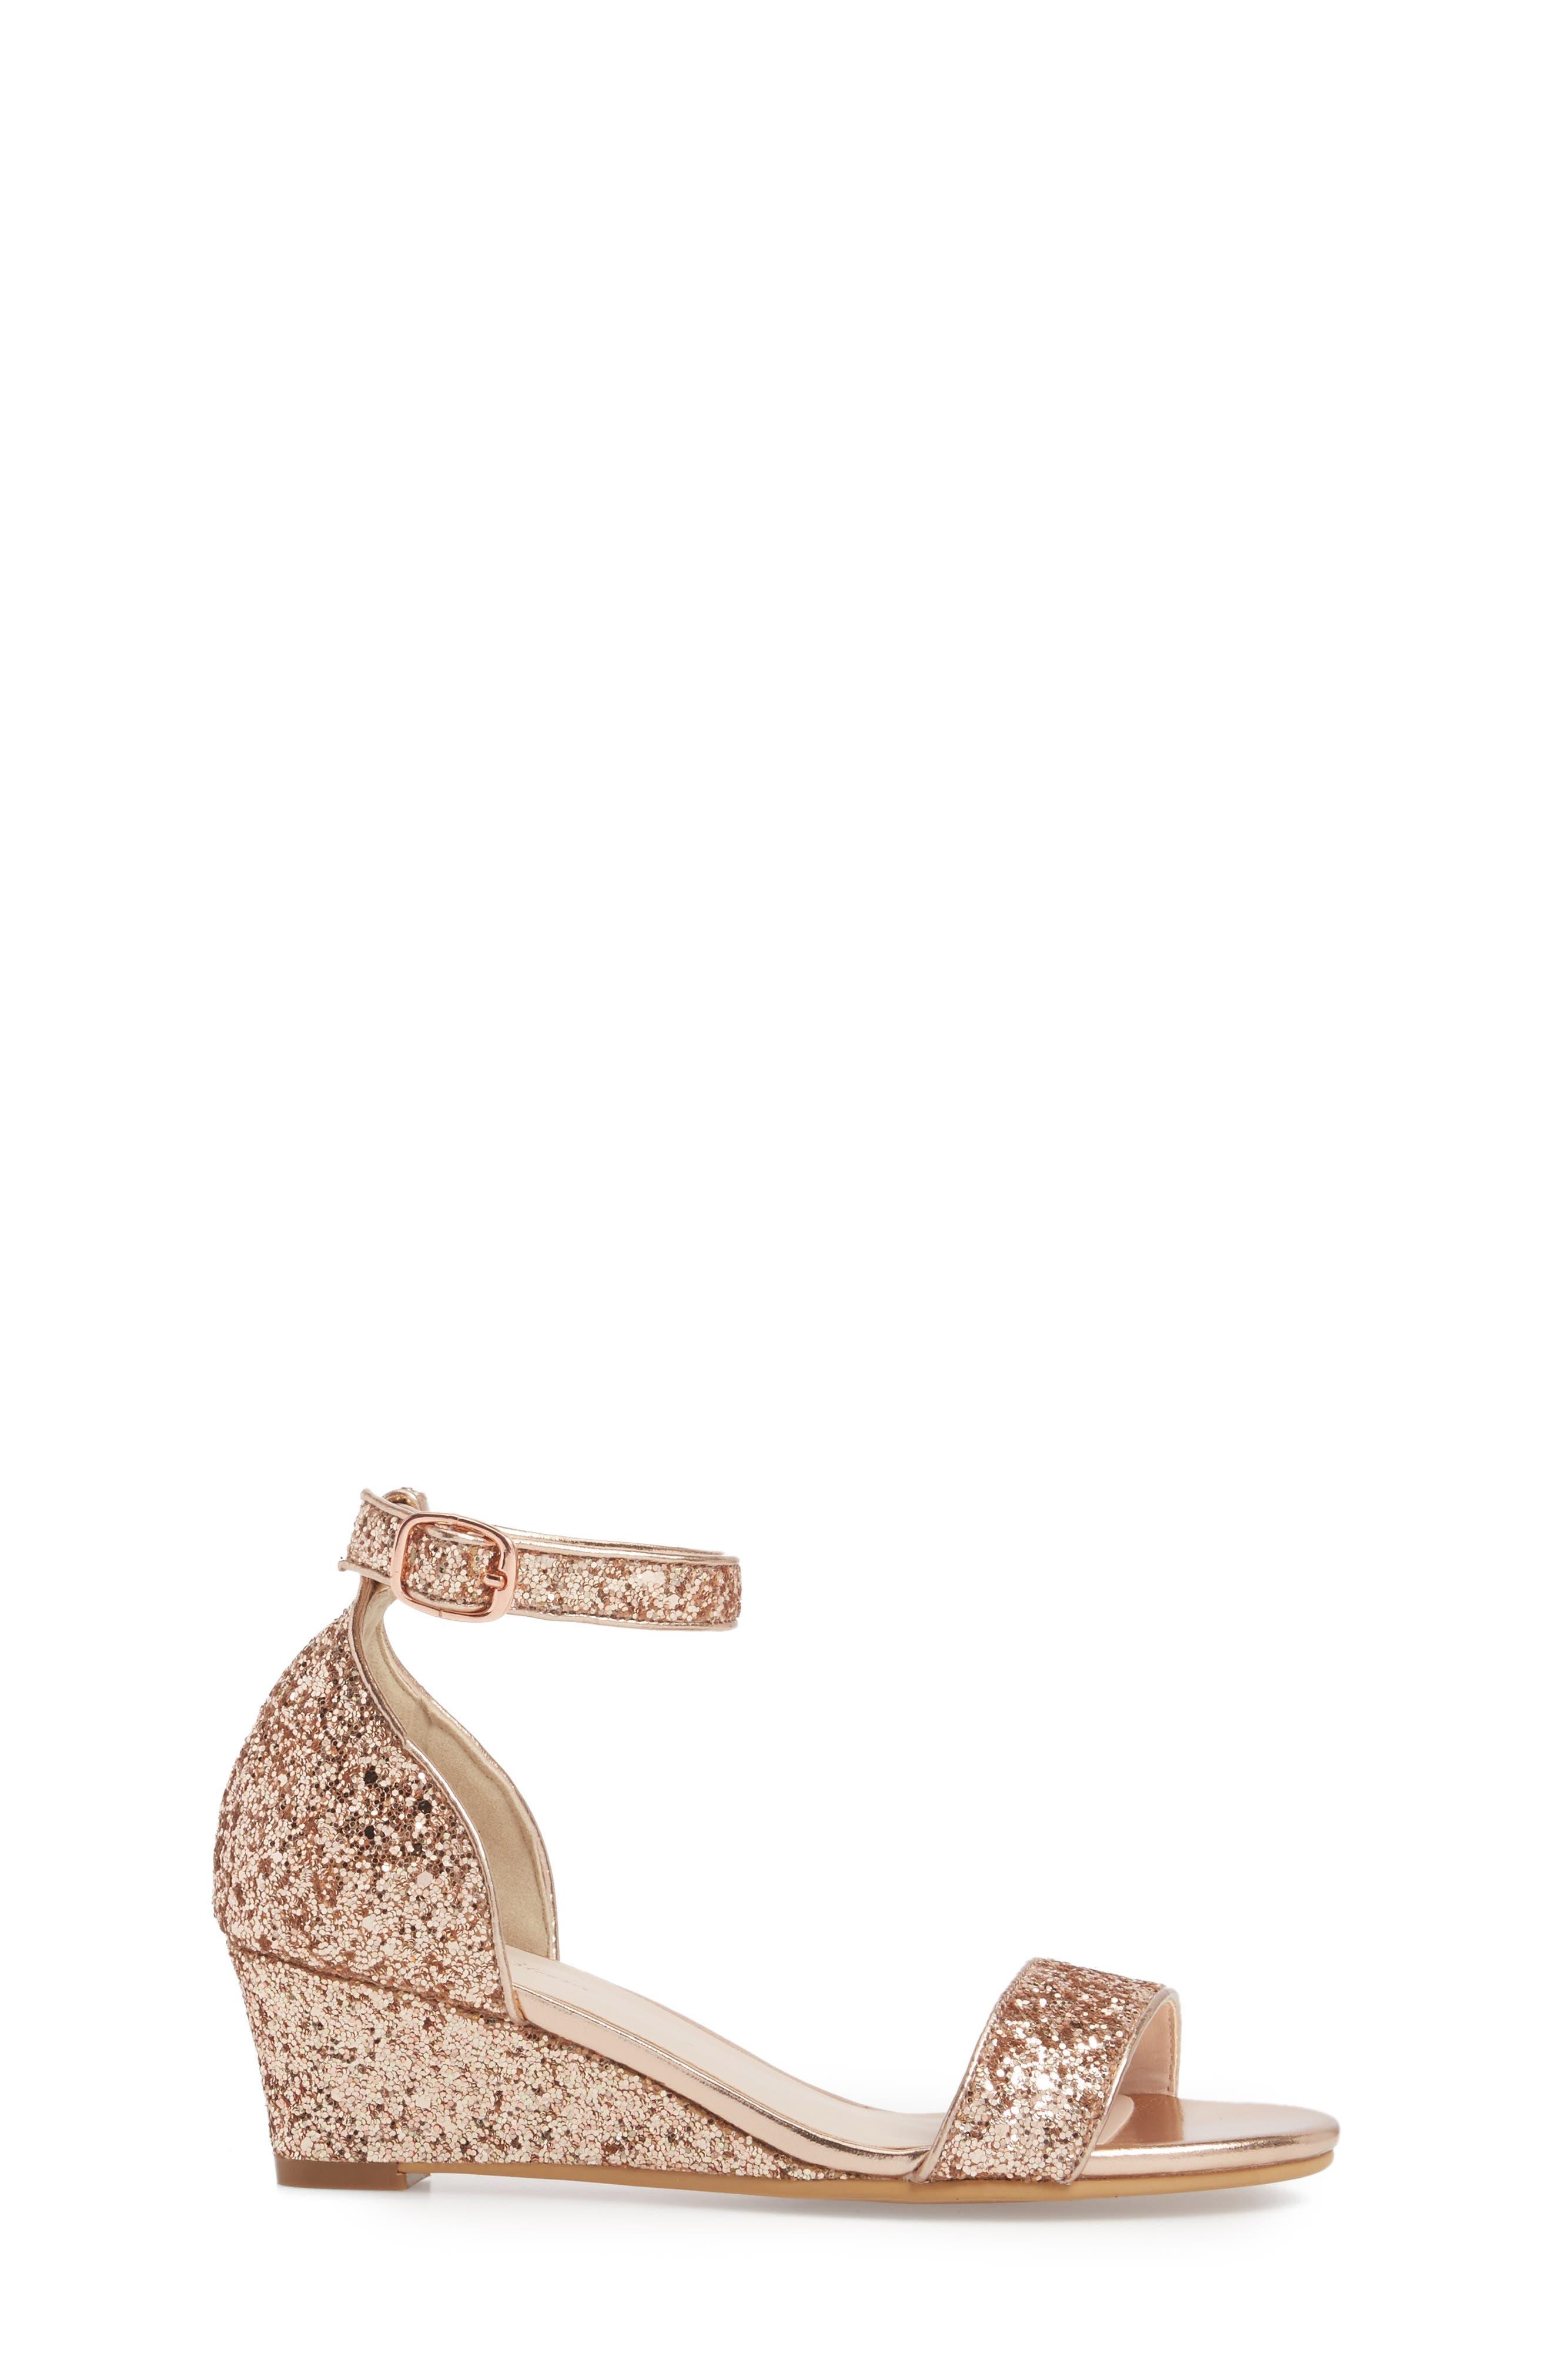 Remi Wedge Sandal,                             Alternate thumbnail 3, color,                             Rose Gold Glitter